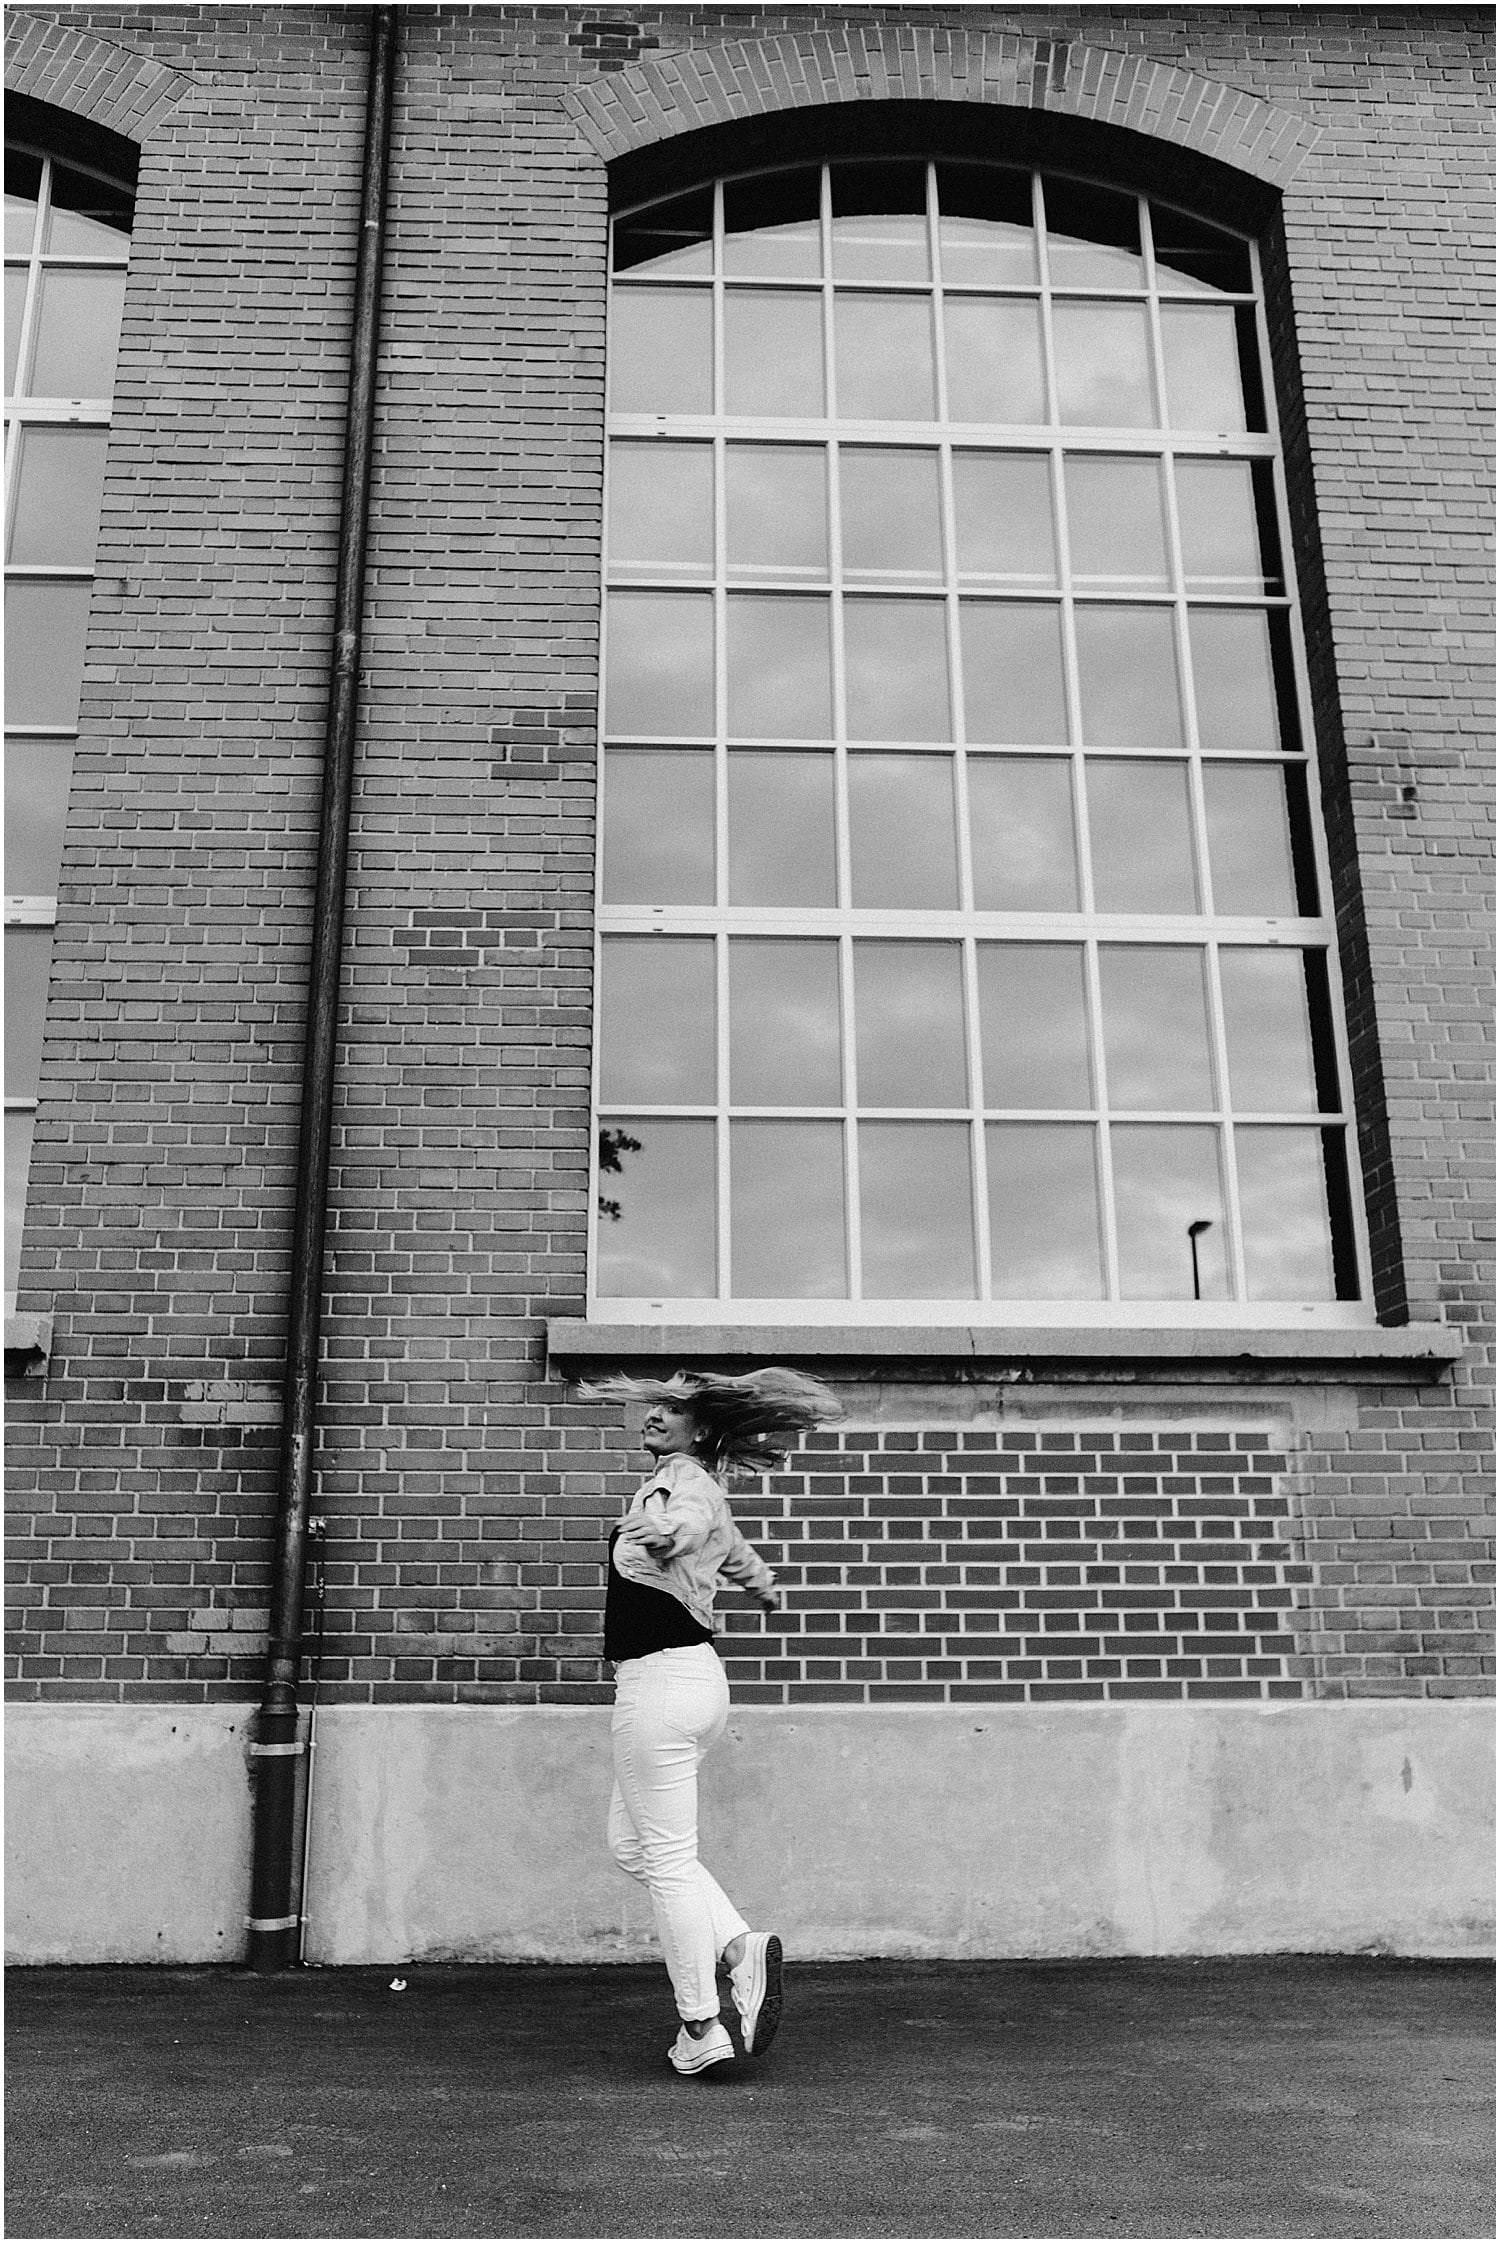 Frauenportrait, Frauenfotograf, Frauen Portrait, sinnliche Bilder, sinnliche Fotografie, Boudoirbilder, Boudoir Fotograf, Fotograf St. Gallen, Fotograf Ostschweiz, Fotograf Arbon, natürliche Bilder, Echte Frauen